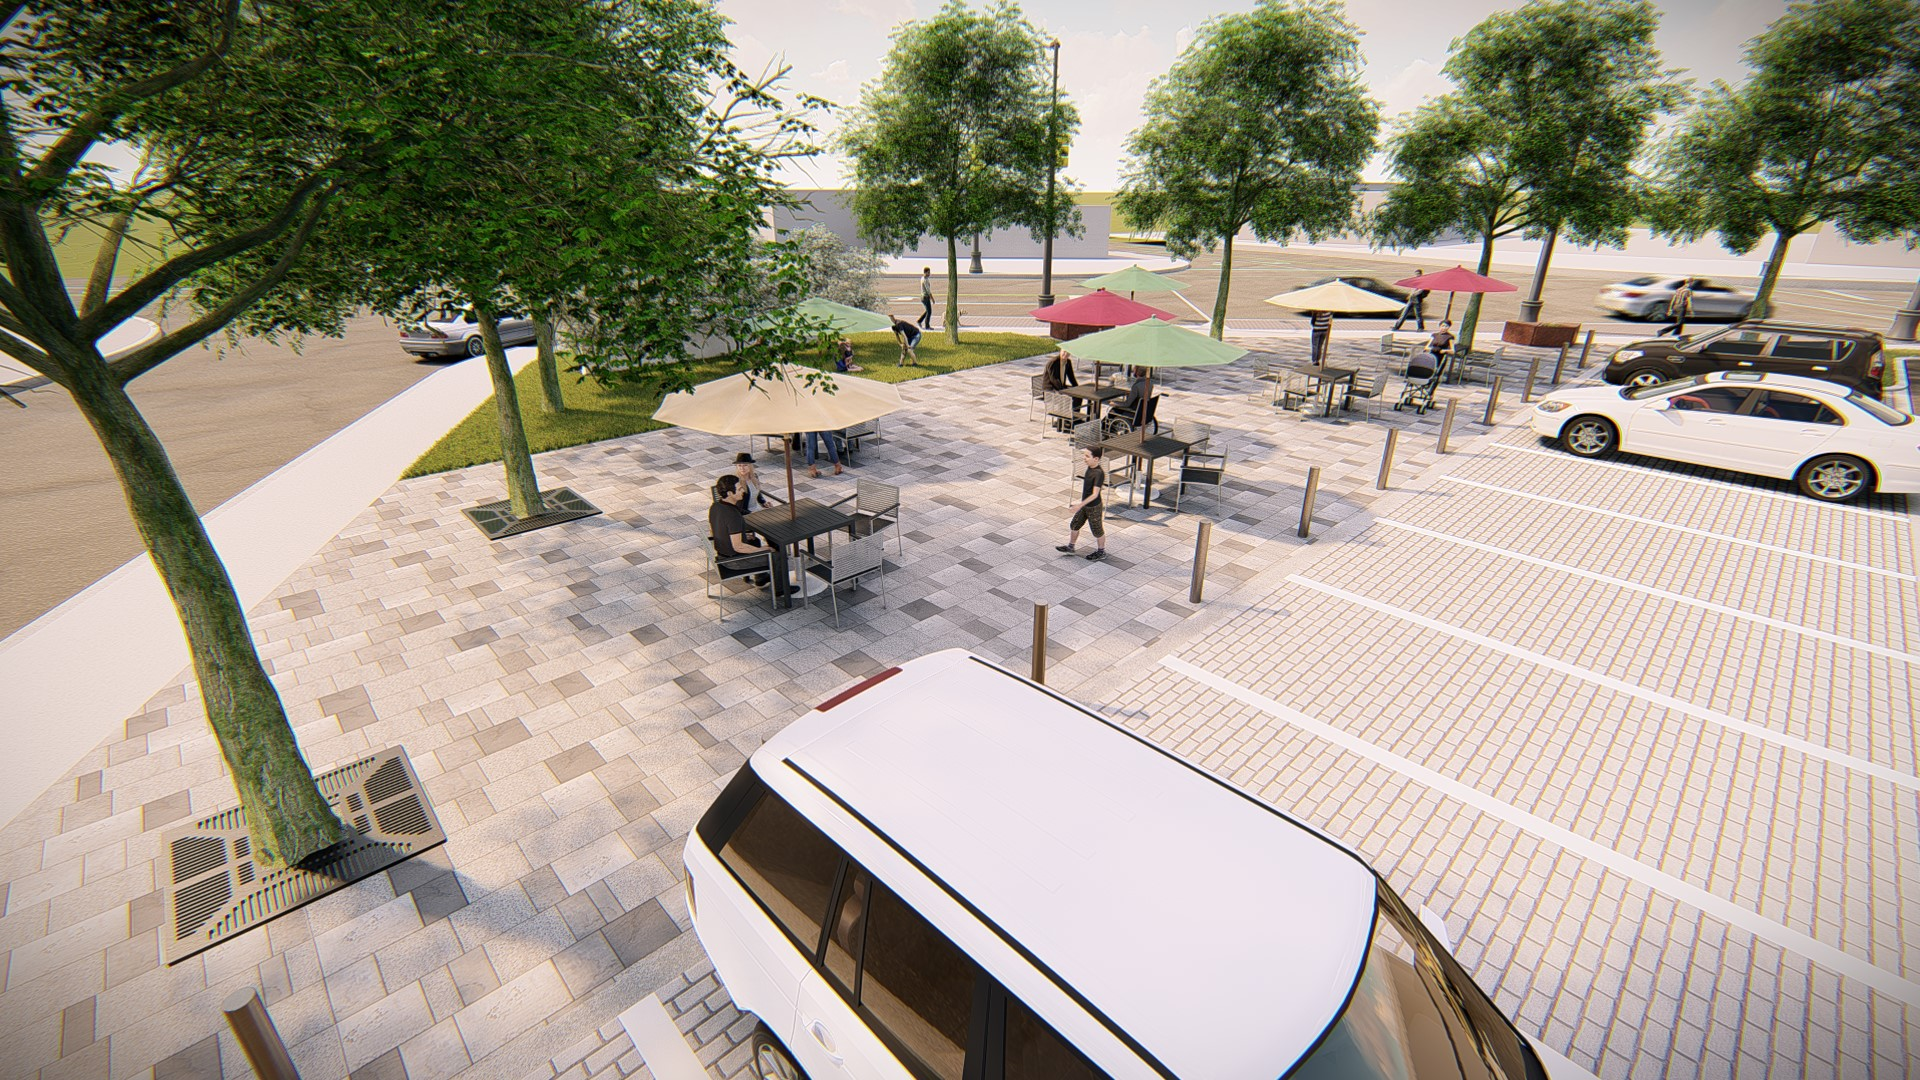 smithville square parkette rendering